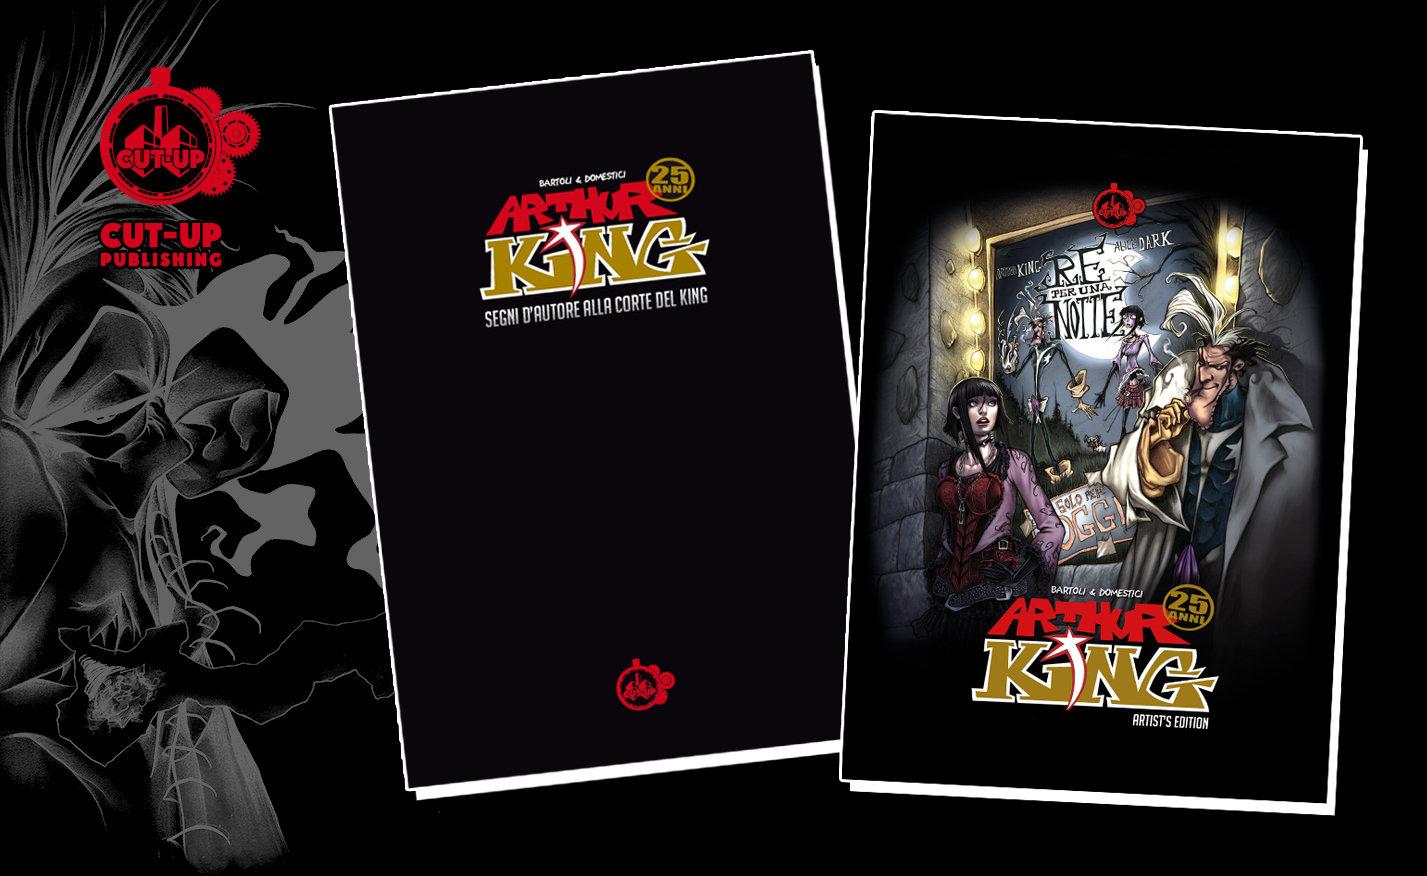 """COMBO """"ARTHUR KING"""" - Acquista entrambi i volumi cartonati con lo SCONTO e la SPEDIZIONE GRATUITA"""